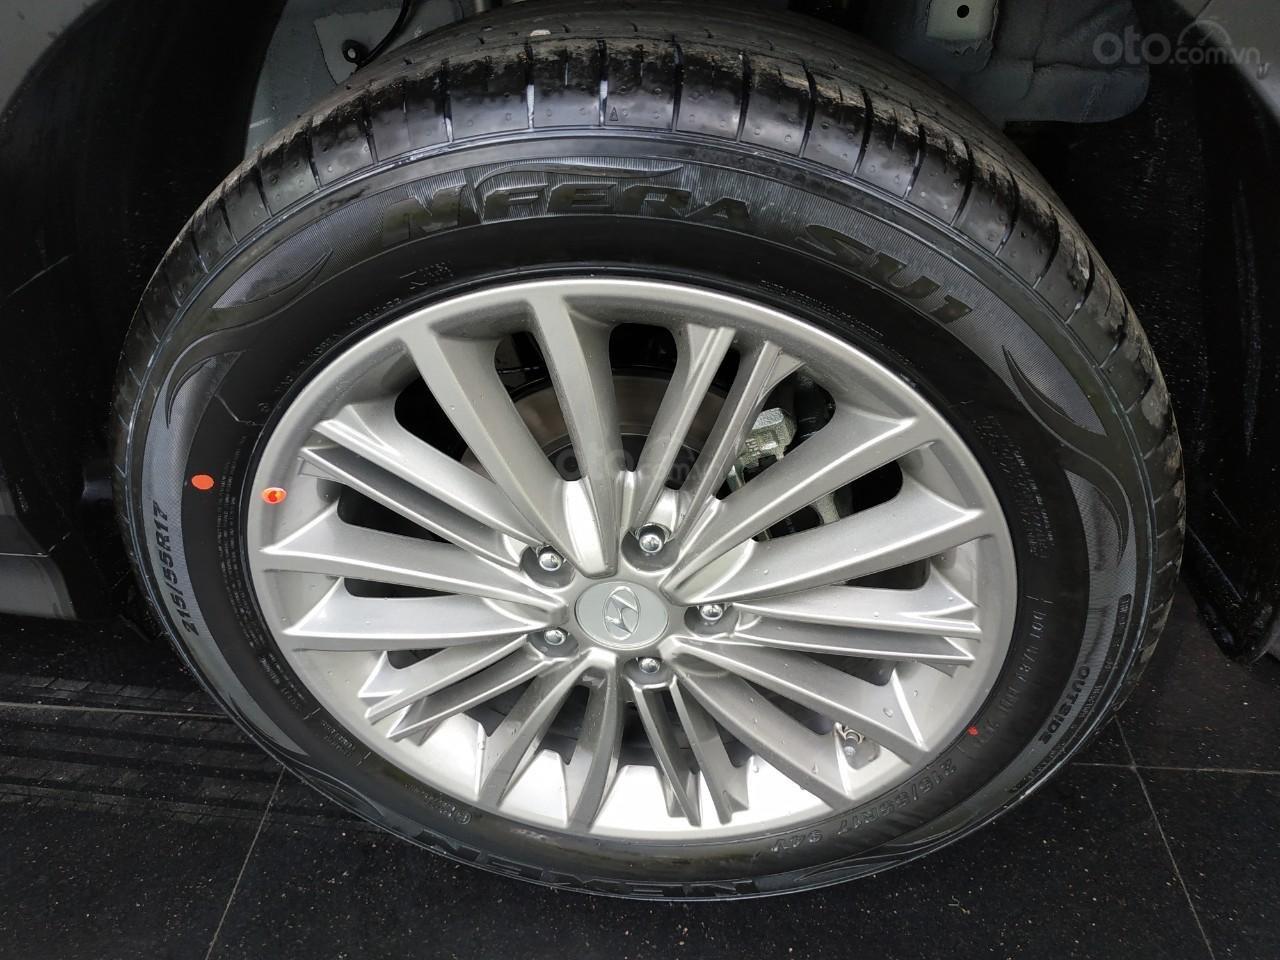 Hyundai Kona 2019 giảm tiền mặt+ Tặng bảo hiểm vật chất+ Hỗ trợ góp 90%+ Call 0930213536 (5)